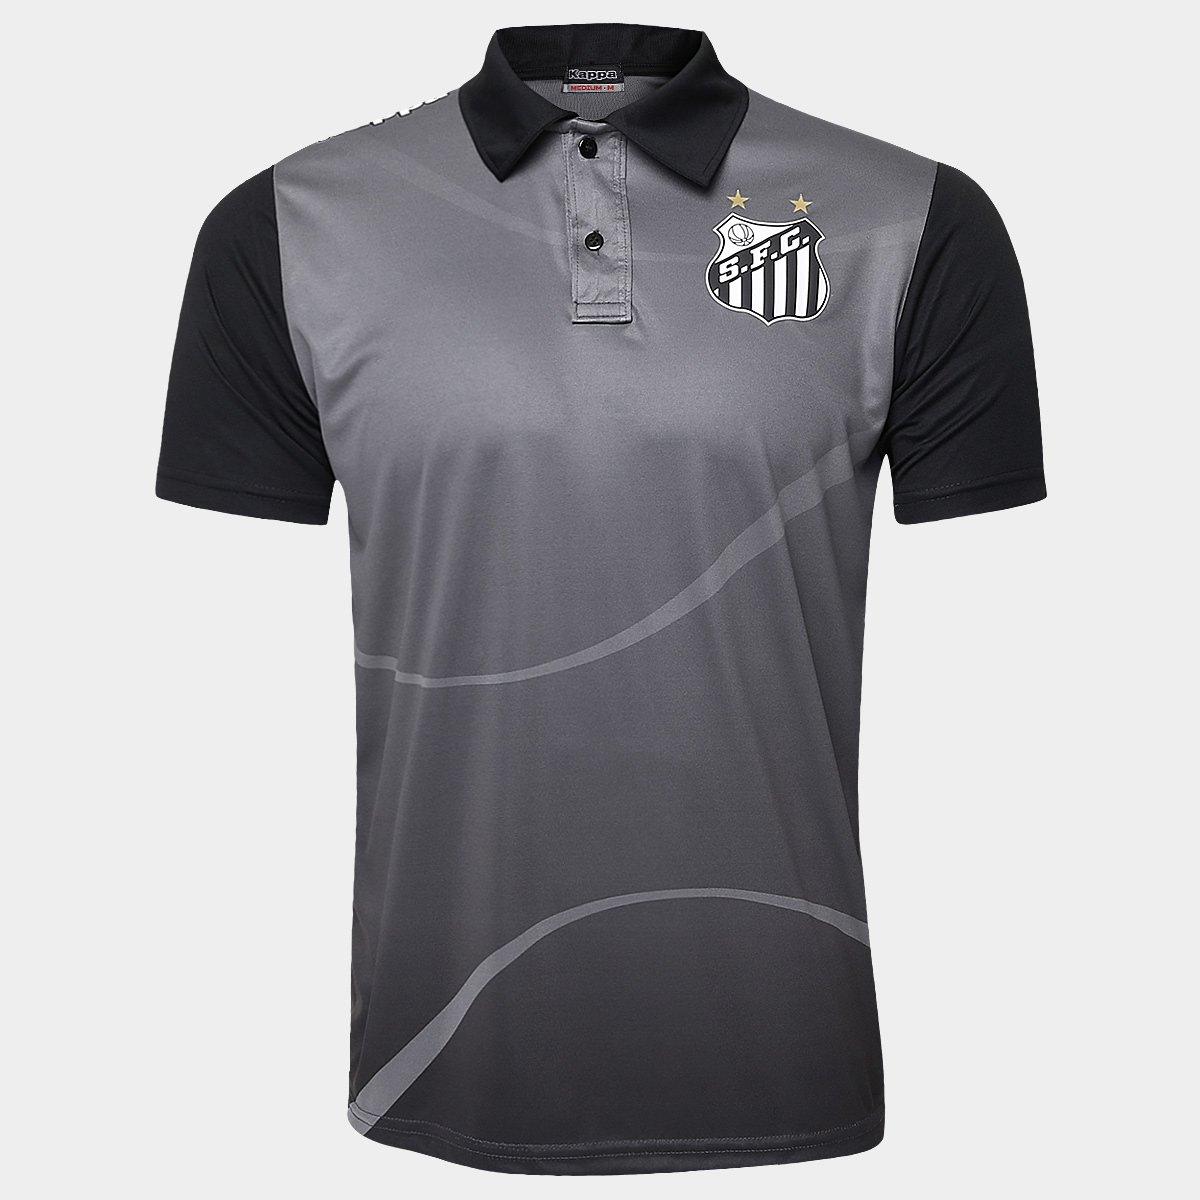 6564d23c45 Camisa Polo Santos Zito 17 Masculina - Compre Agora